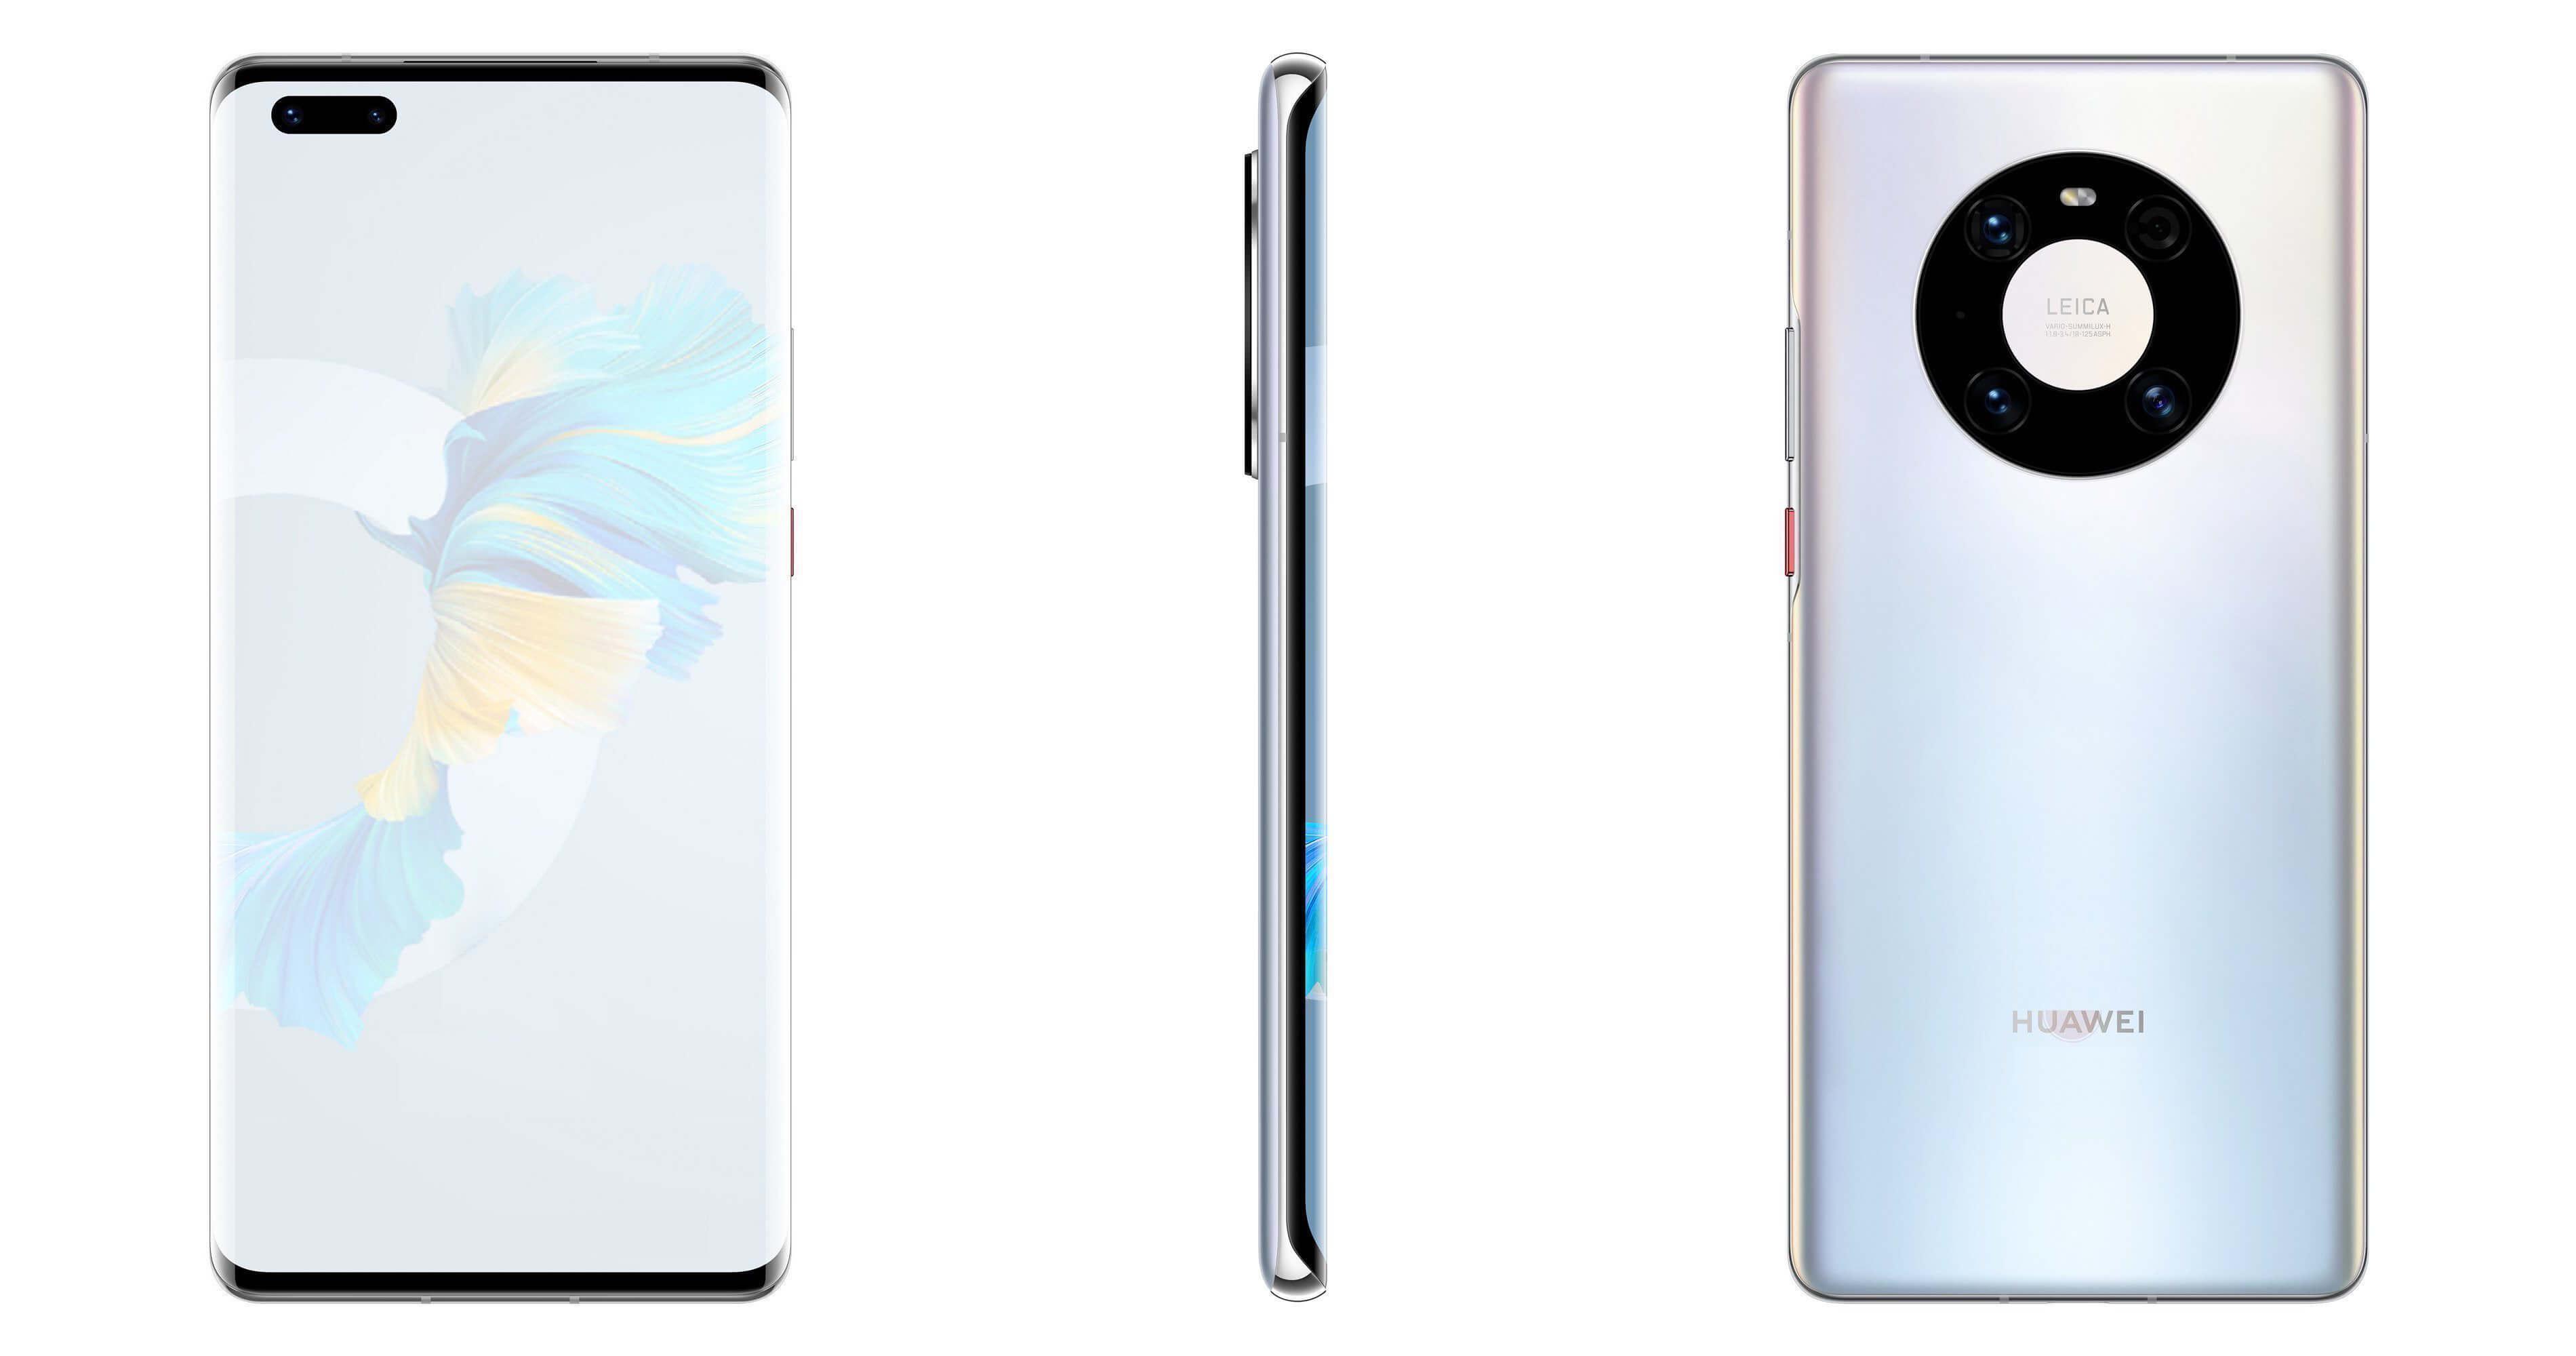 Дизайн и характеристики Huawei Mate 40 Pro полностью раскрыты до анонса